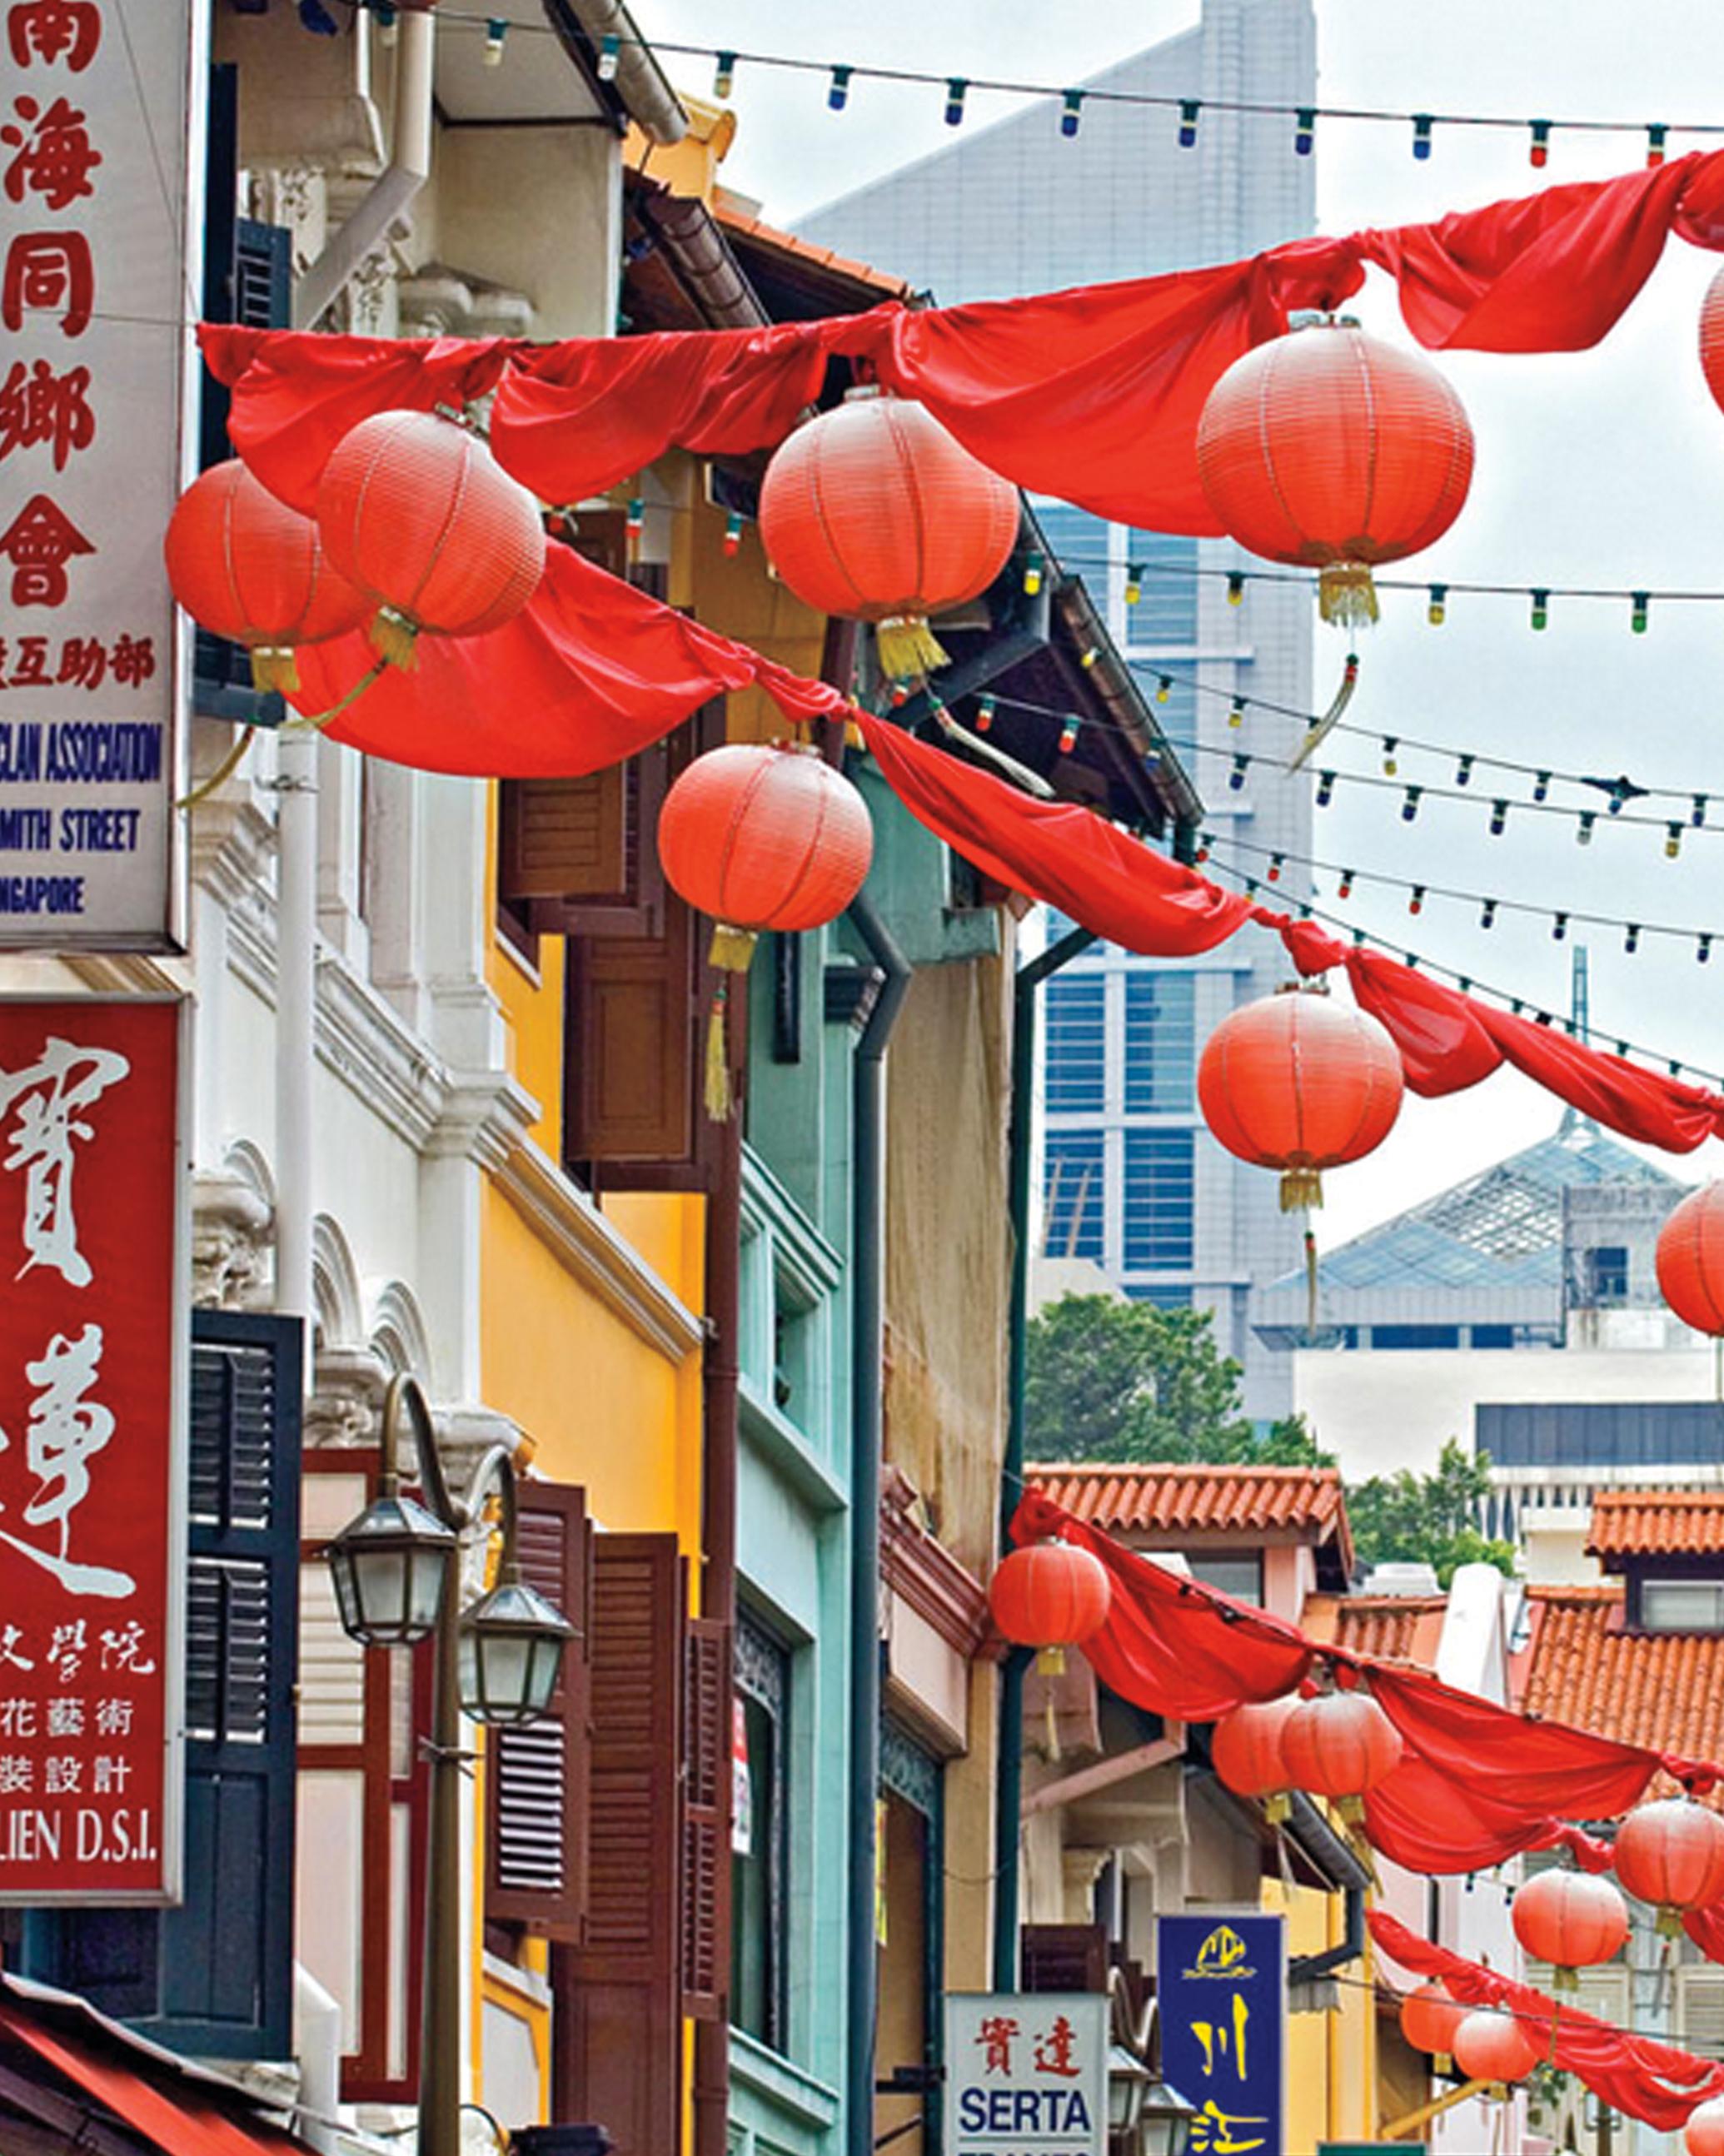 red-lanterns-chinatown-s111603.jpg